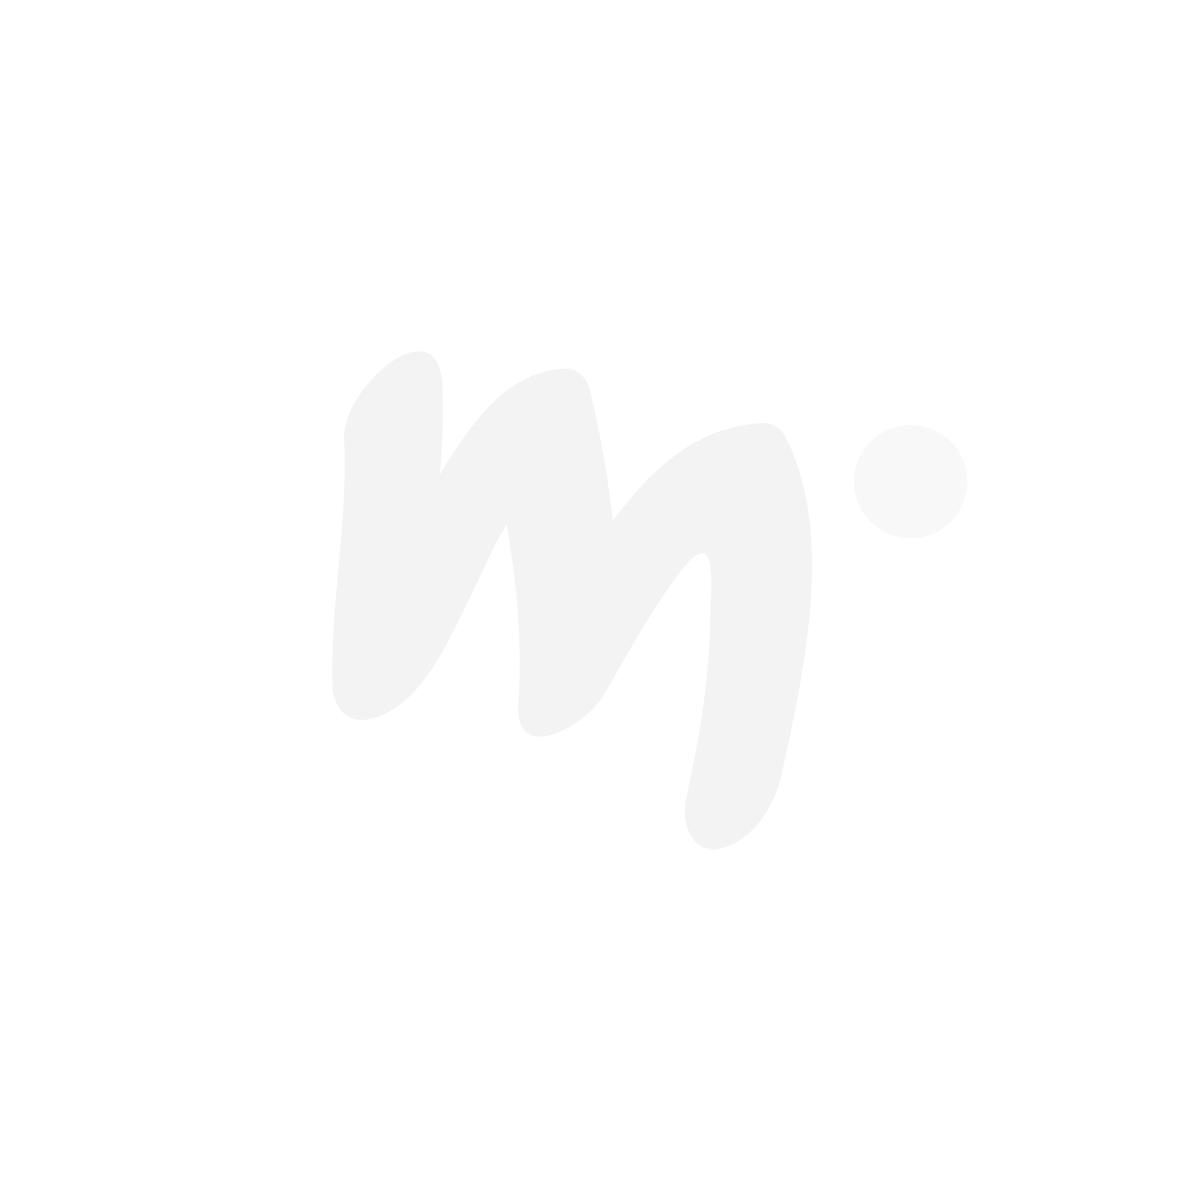 Moomin Lilli Hoodie Sketch Snufkin mint green